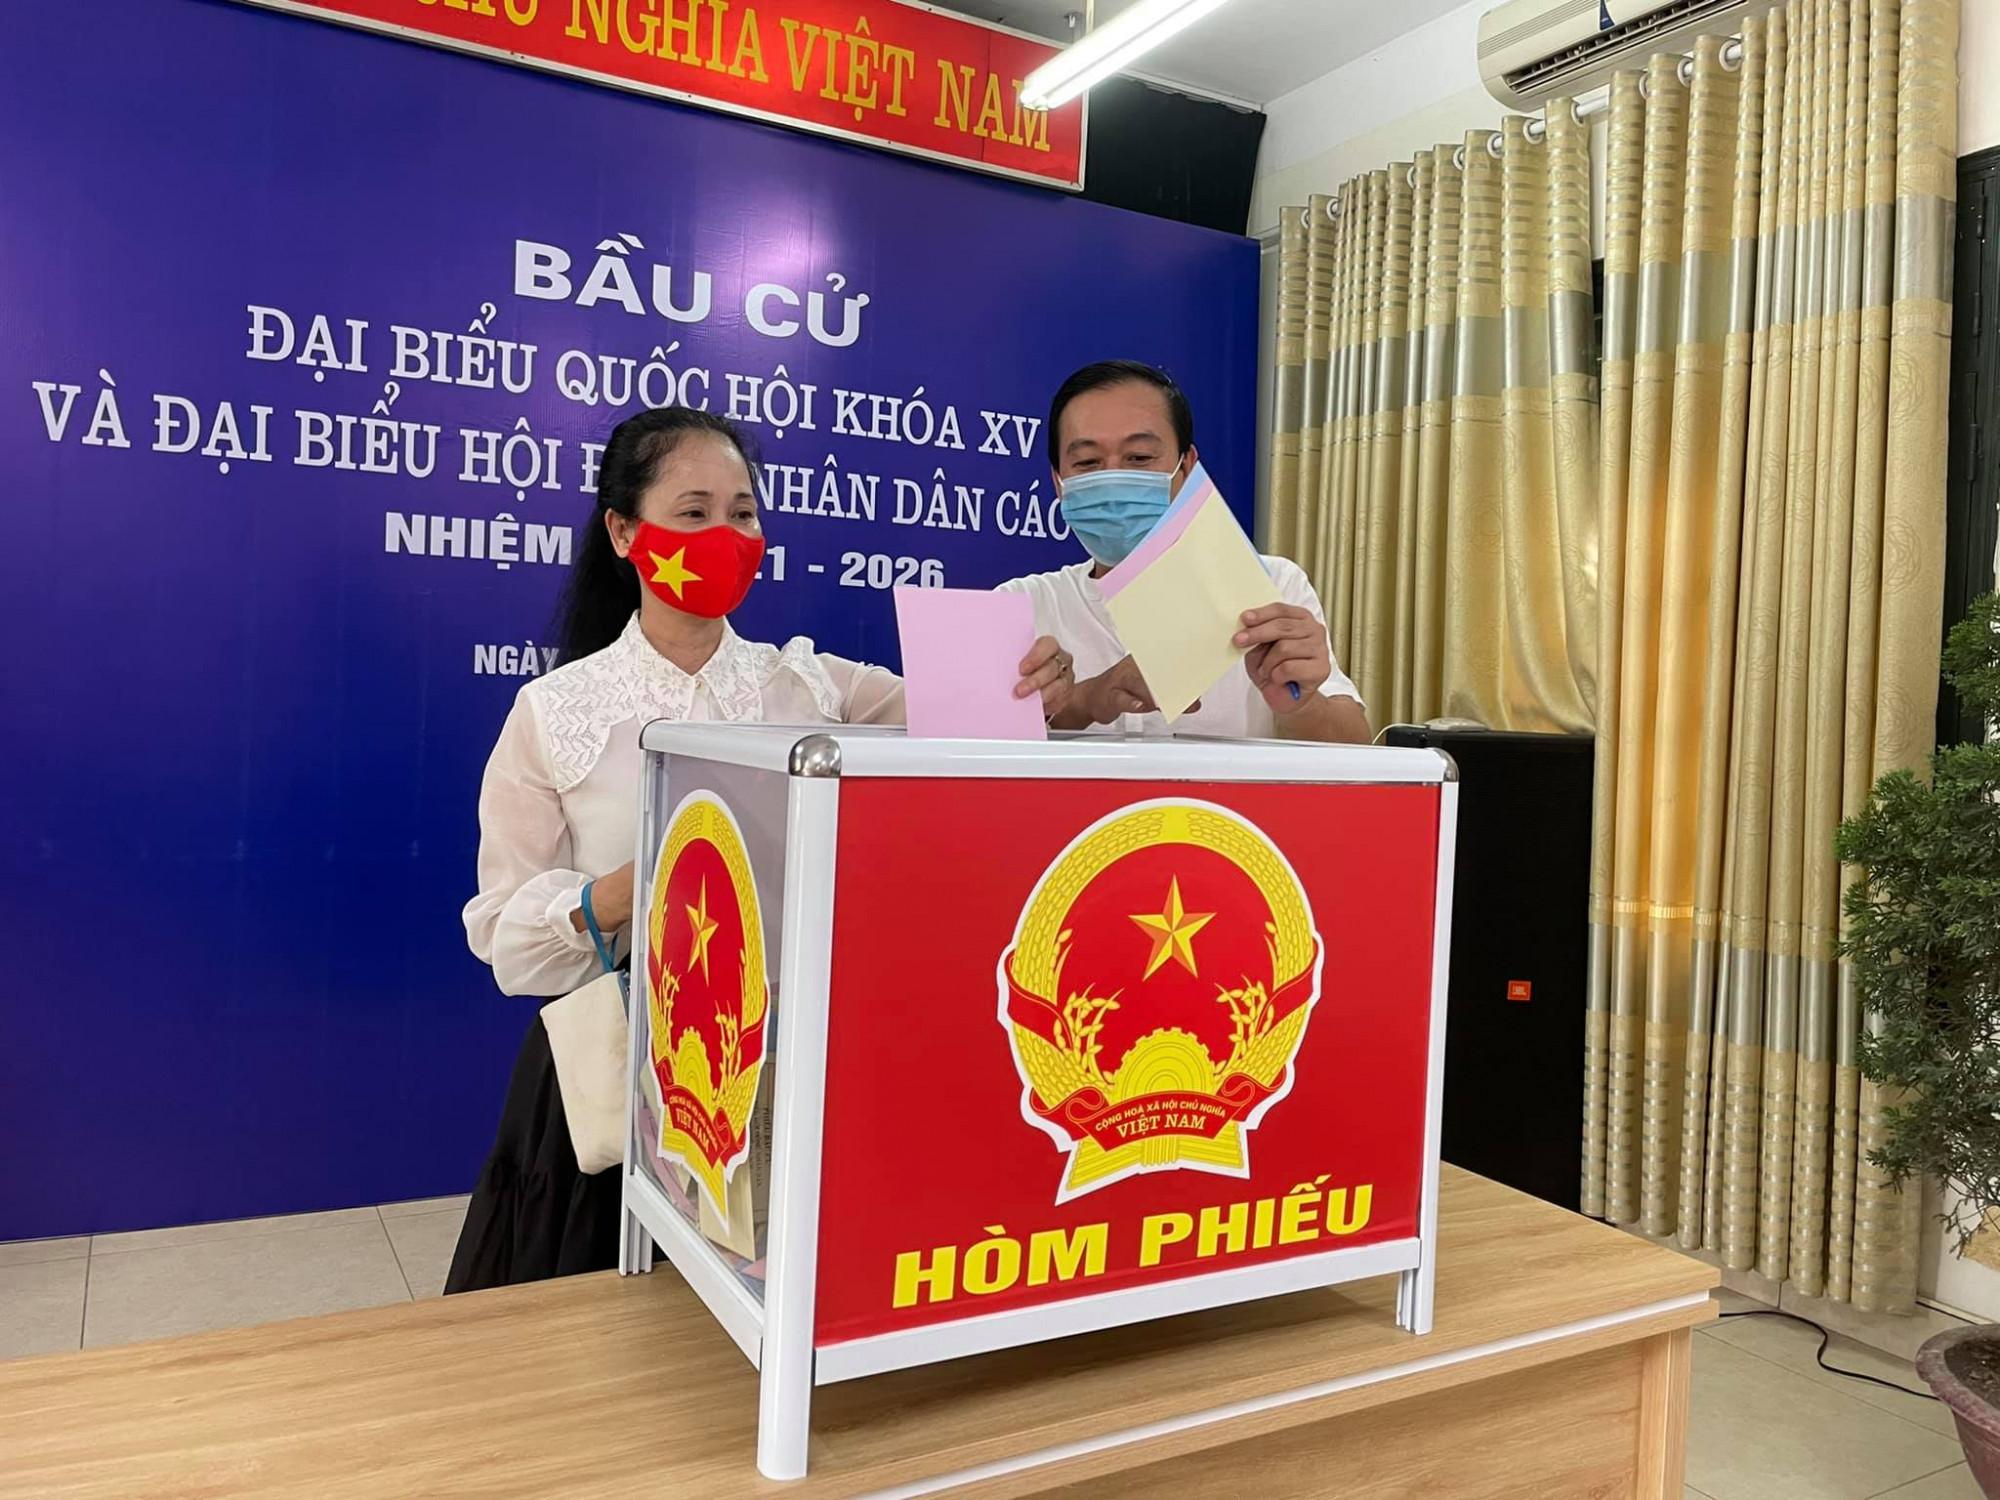 NSND Lan Hương và chồng - NSƯT Đỗ Kỷ bỏ phiếu tại Hà Nội. Nữ nghệ sĩ cho biết có 2 vấn đề lớn bà quan tâm và mong được giải quyết trong nhiệm kỳ tới là văn hoá ứng xử của cộng đồng, đặc biệt chú trọng giáo dục giới trẻ và